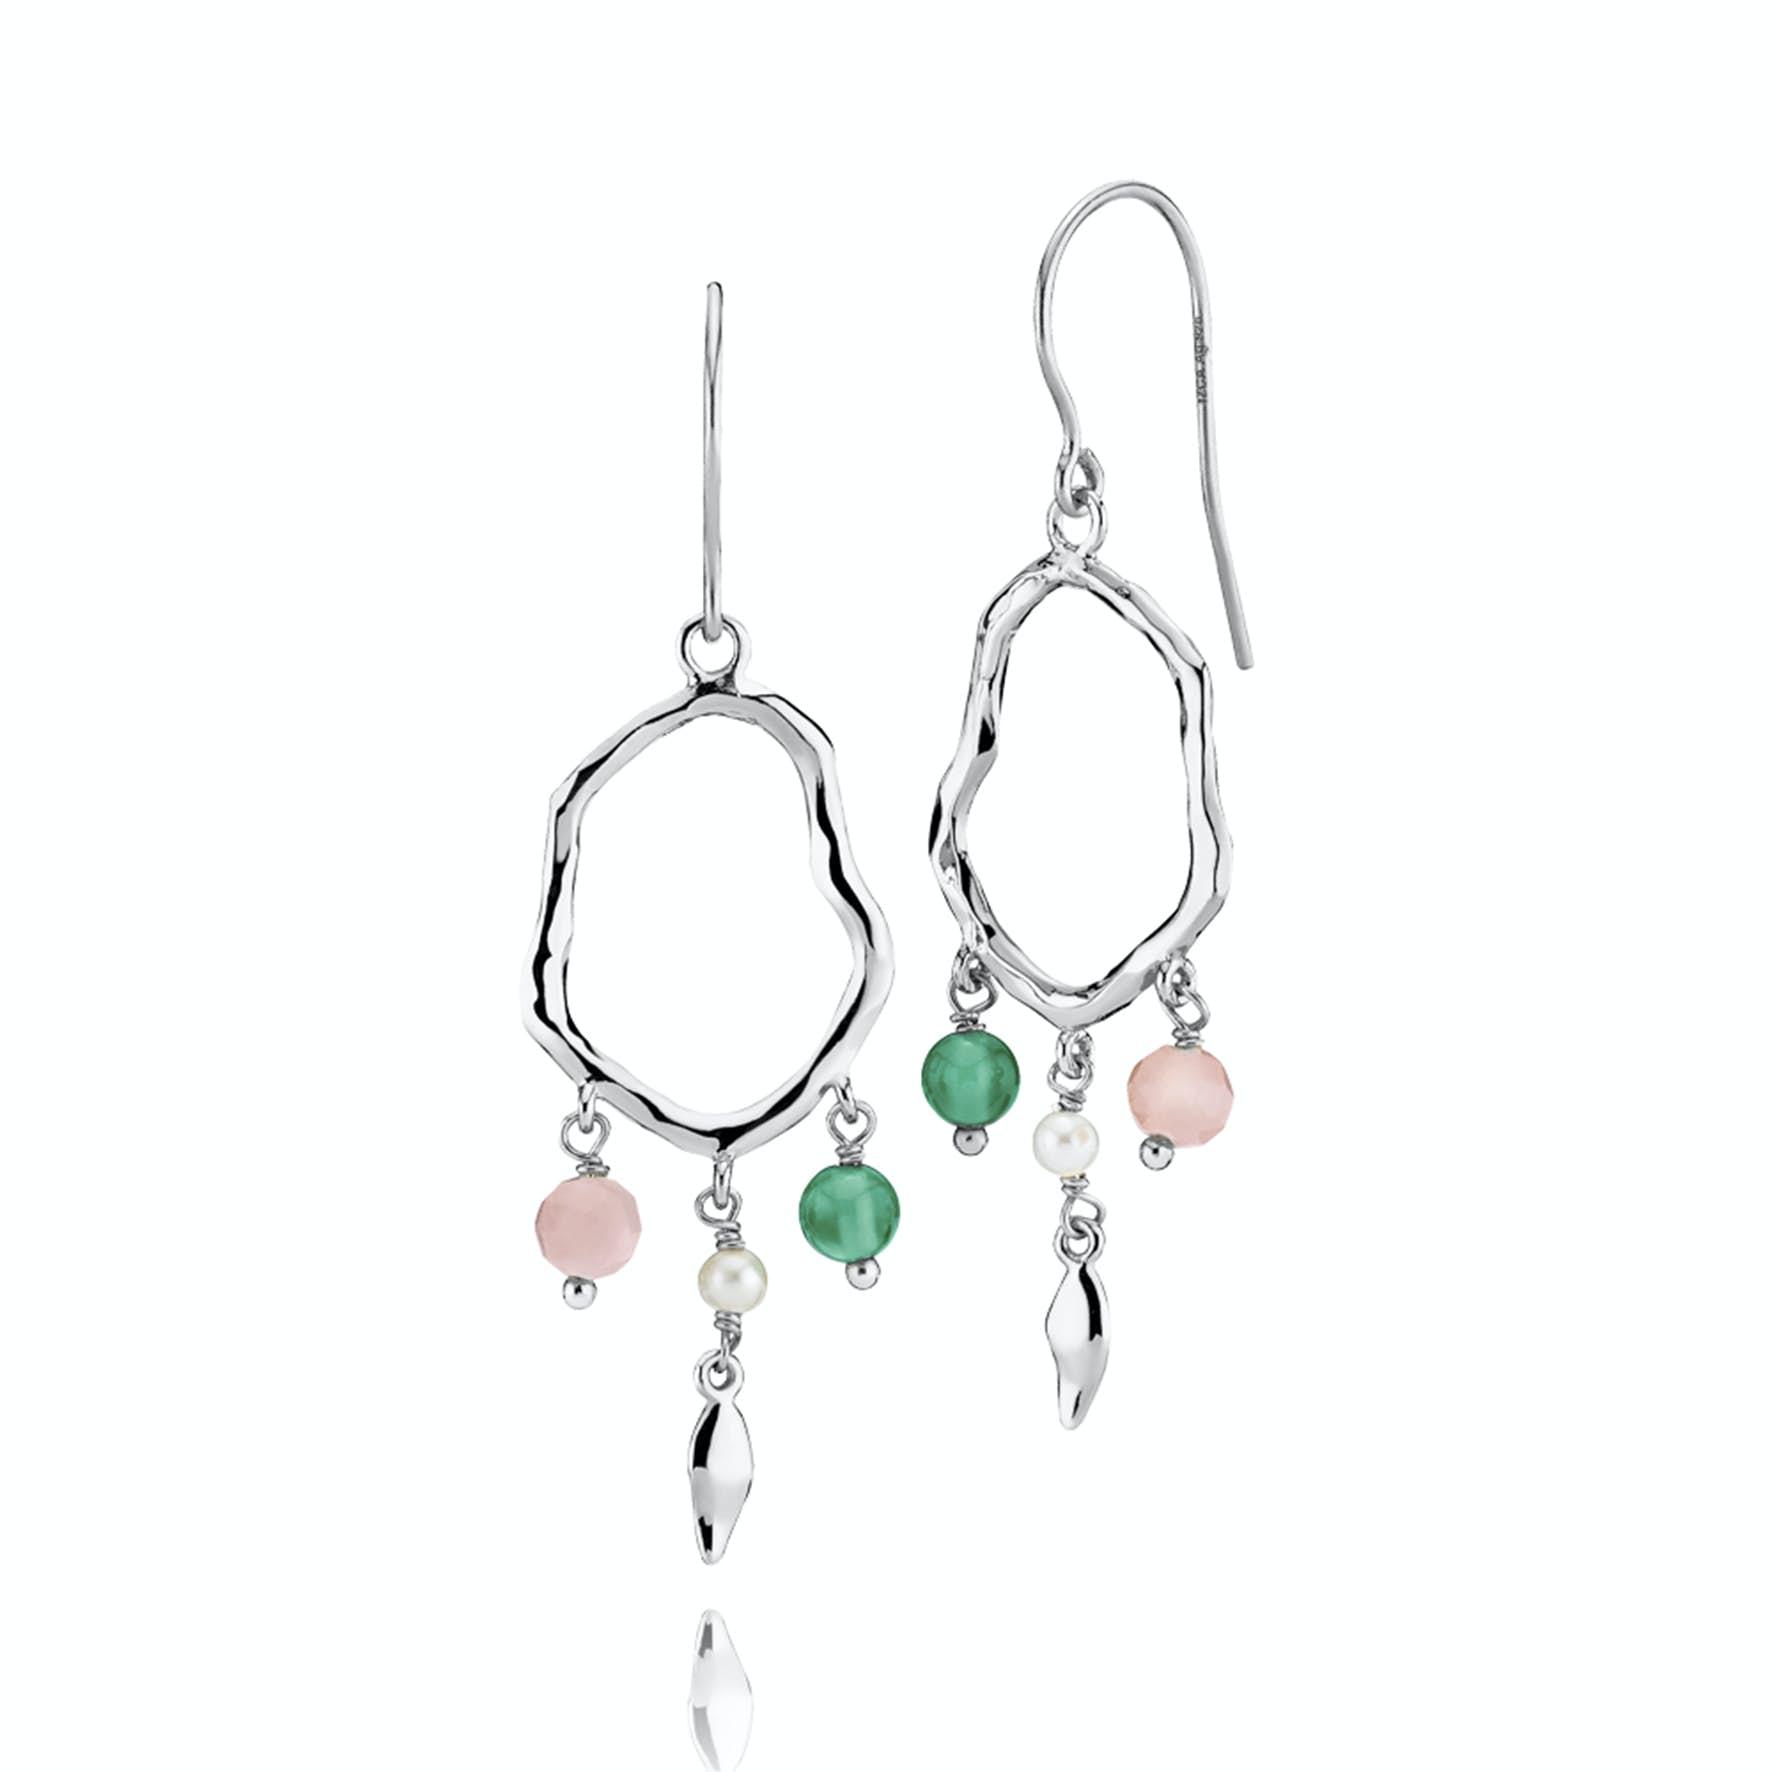 Mia by Sistie Earrings från Sistie i Silver Sterling 925